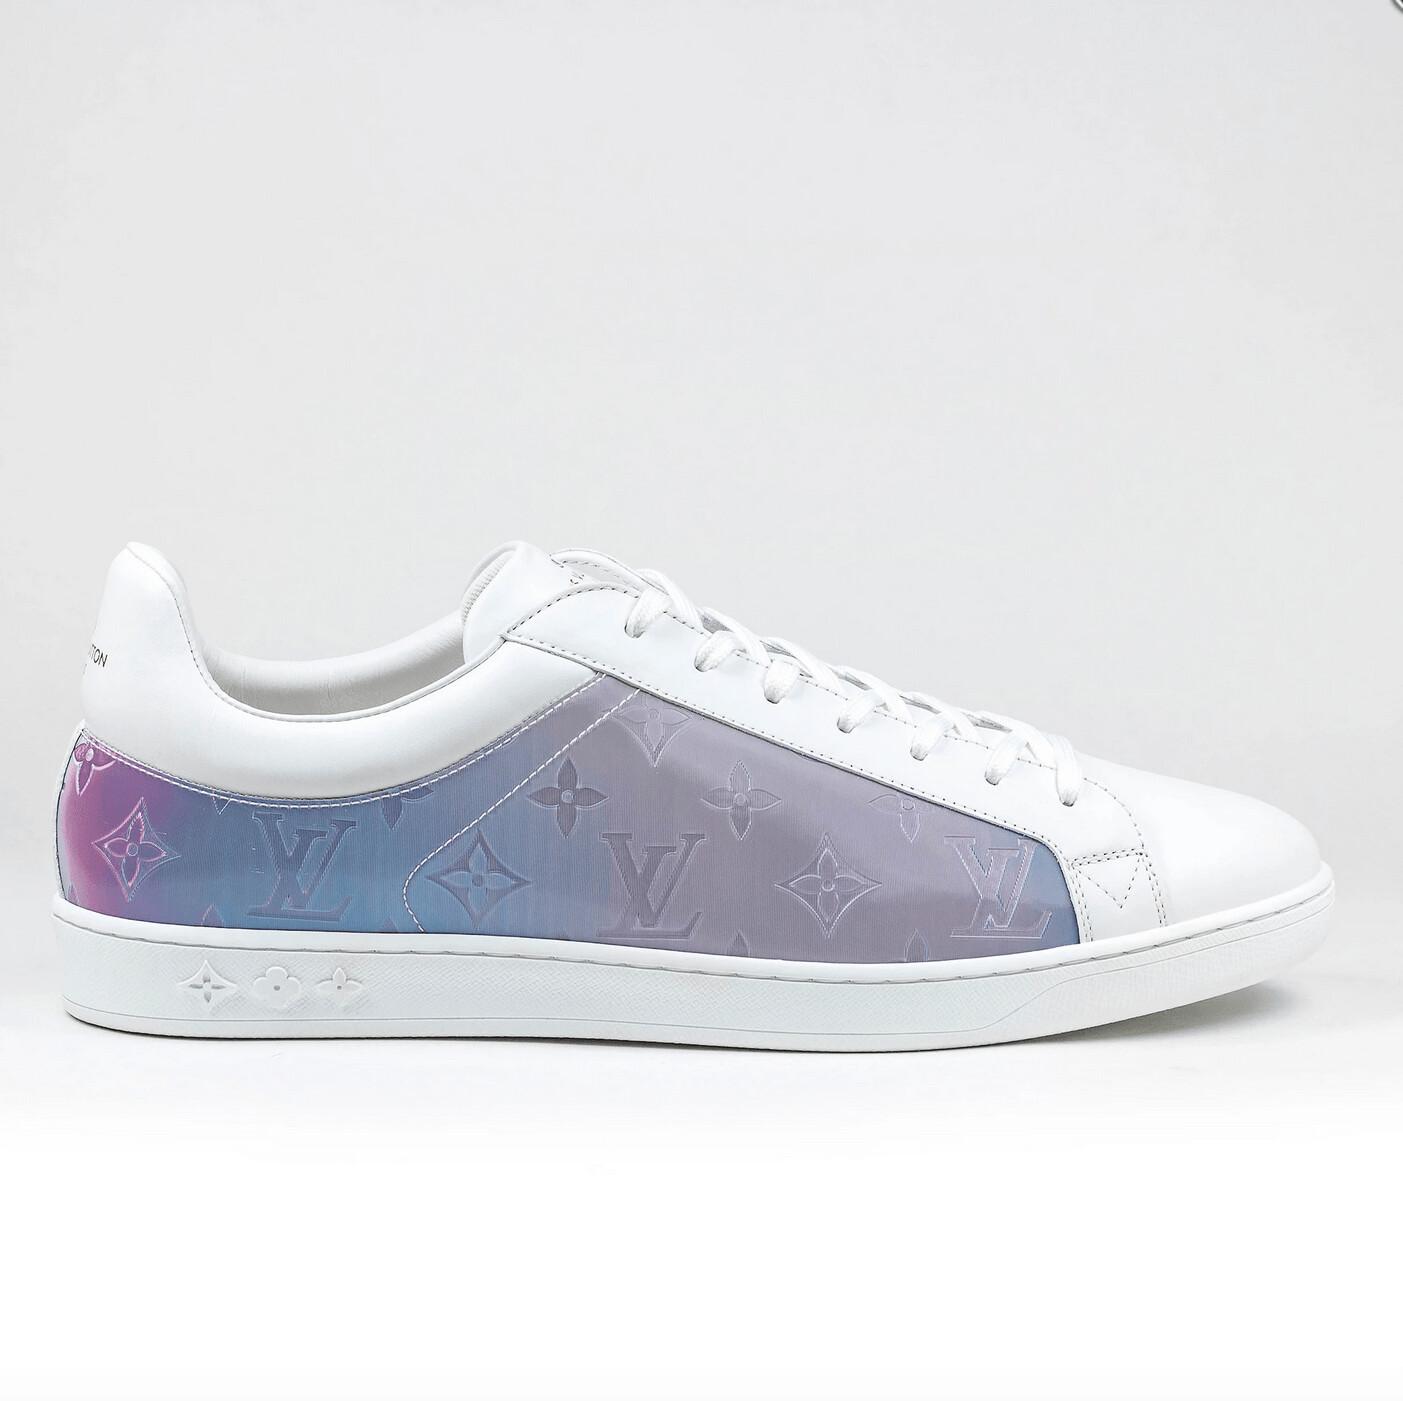 Louis Vuitton Monogram Prism White